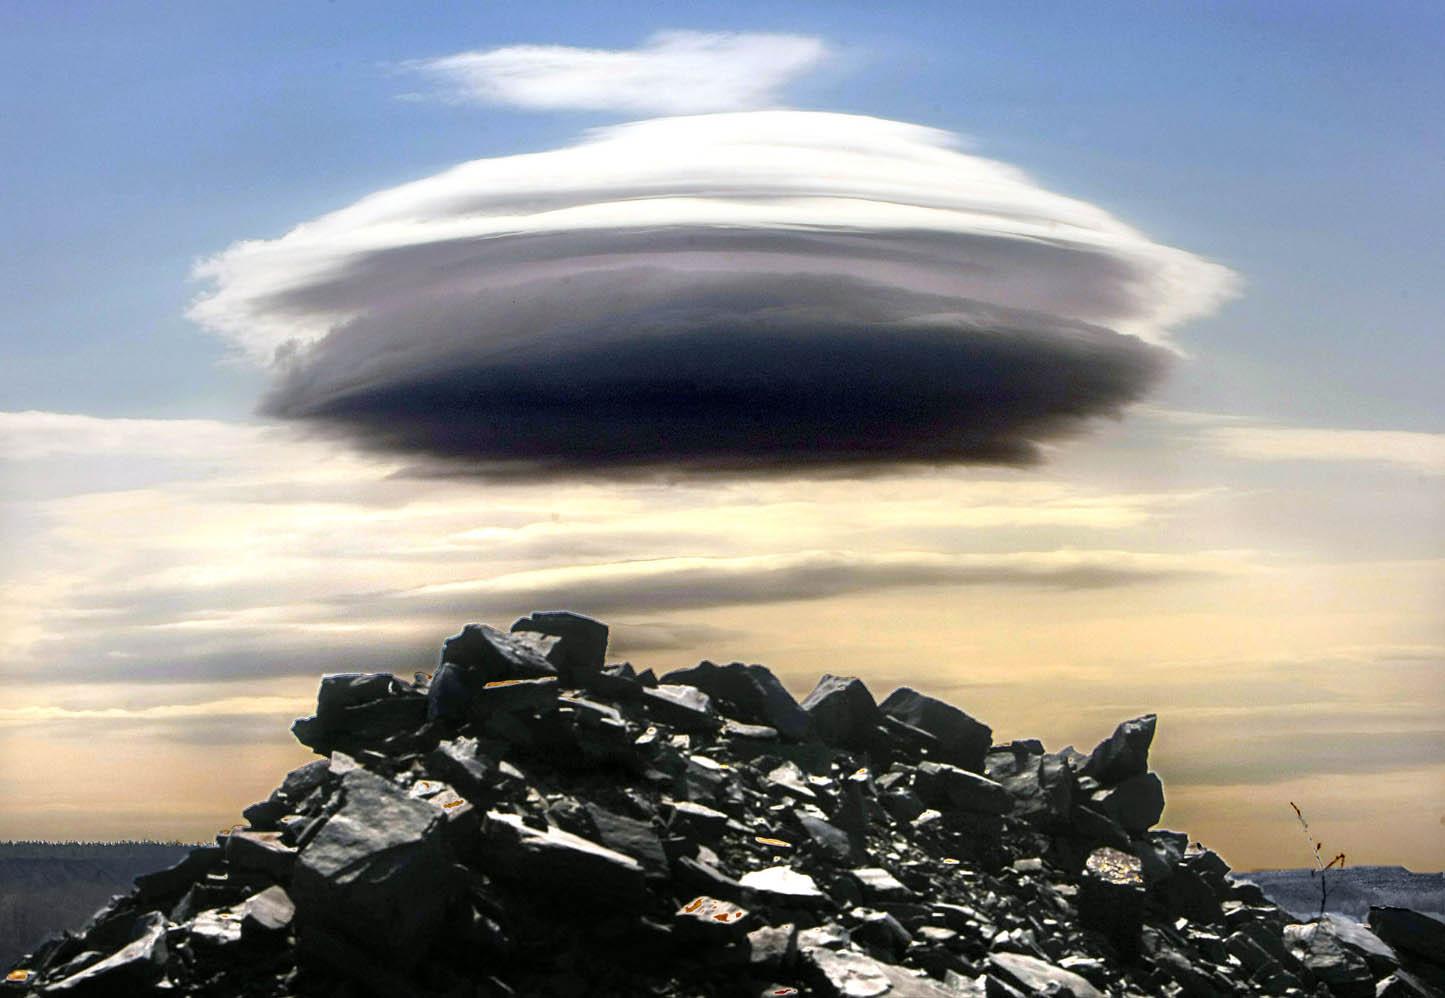 Saucer Cloud